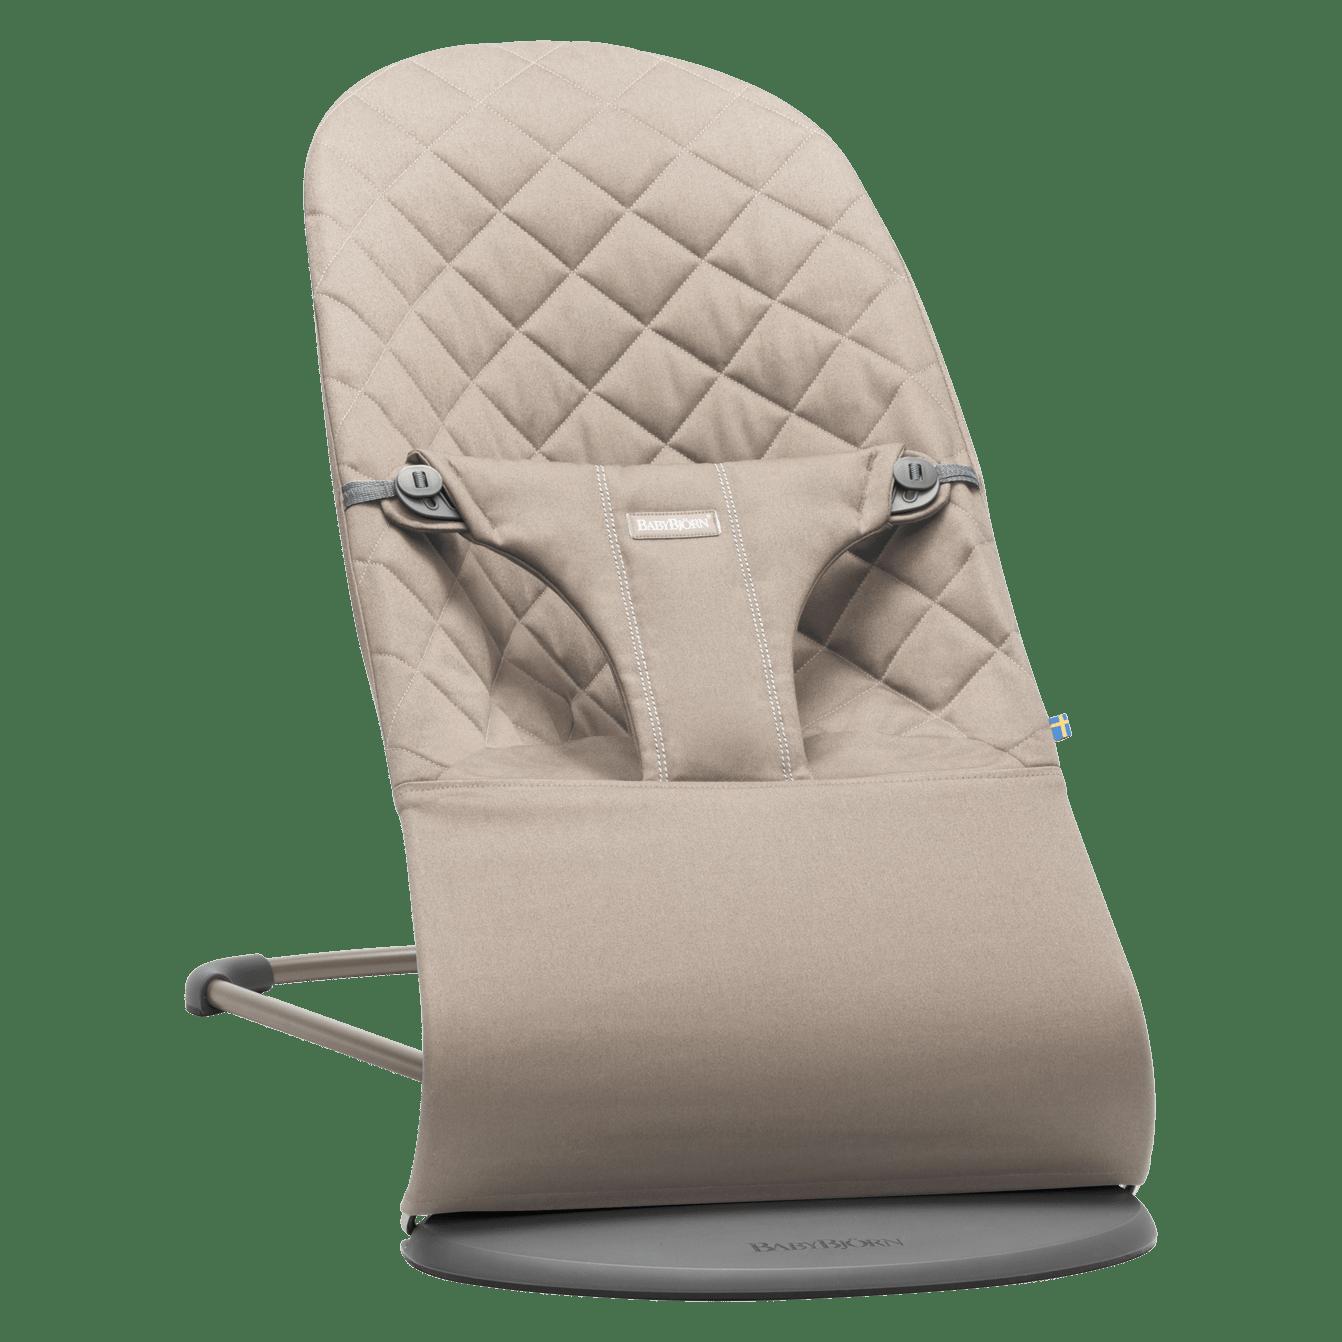 BABYBJÖRN Babysitter Bliss i sandgrå cotton, en ergonomisk babysitter med naturlig gungning och mjuk design.